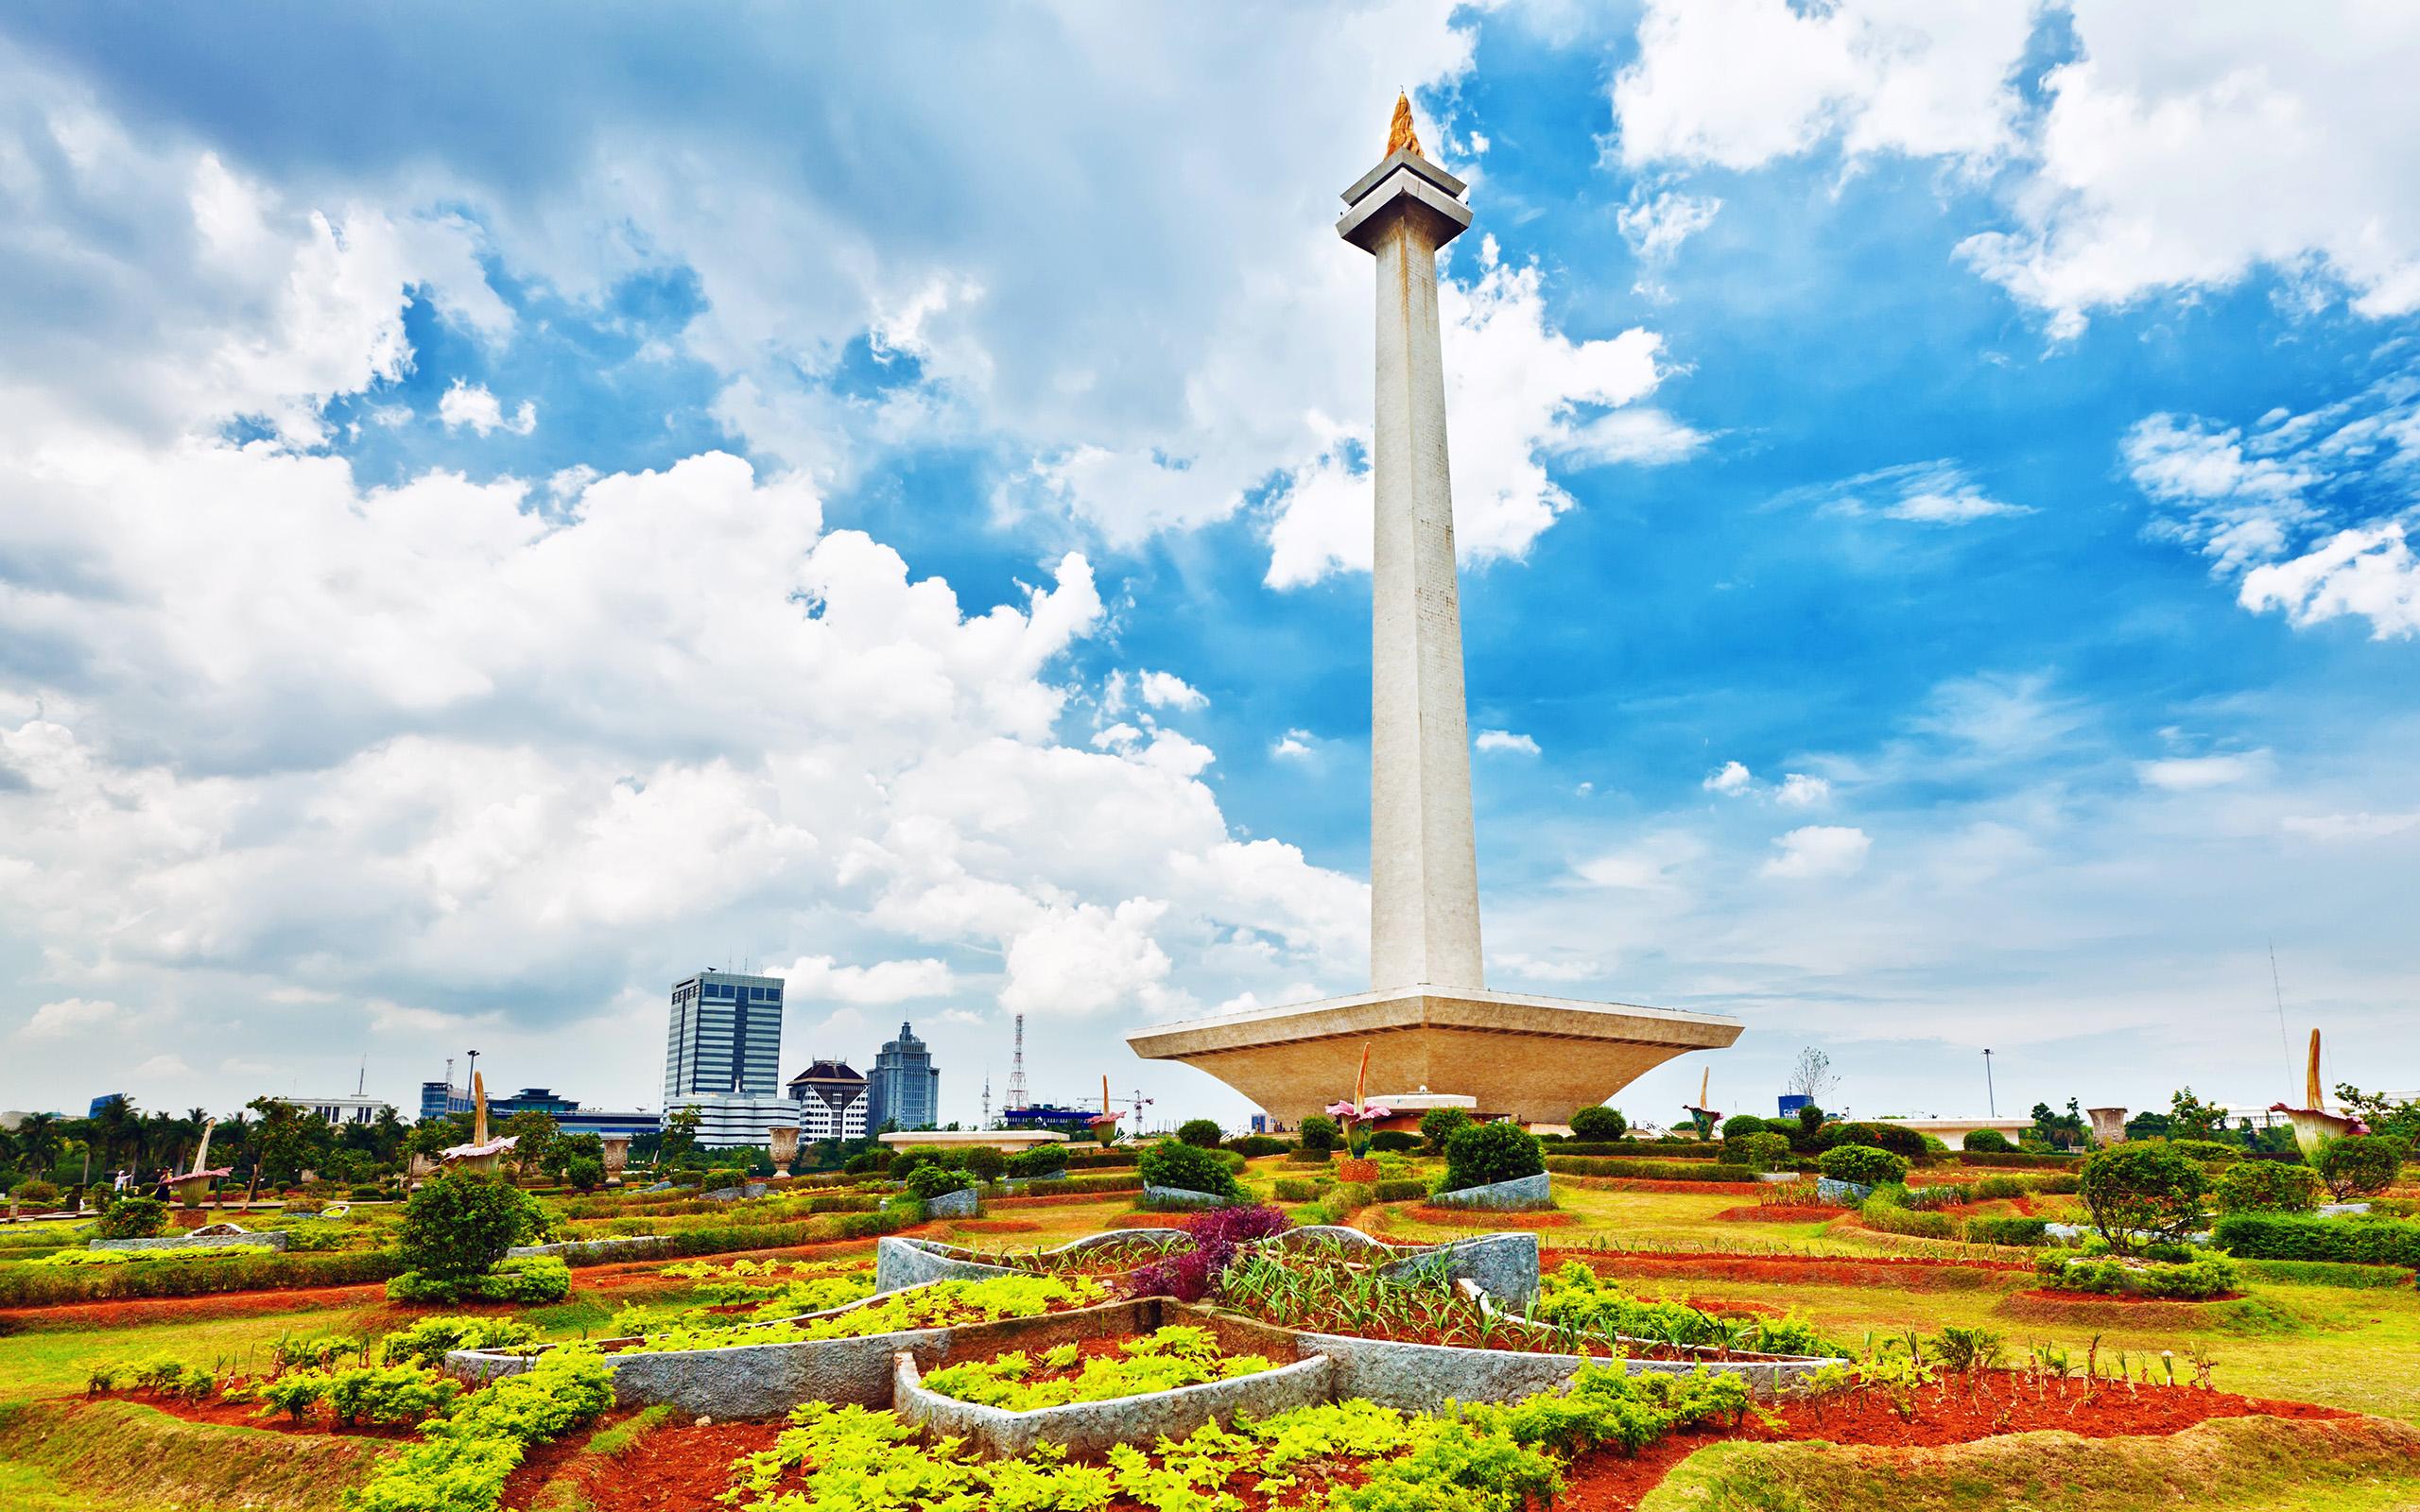 印尼雅加達懶人包—常用招呼語、時差、機票、簽證、換錢、WIFI、交通、住宿 一網打盡 @東南亞投資報告